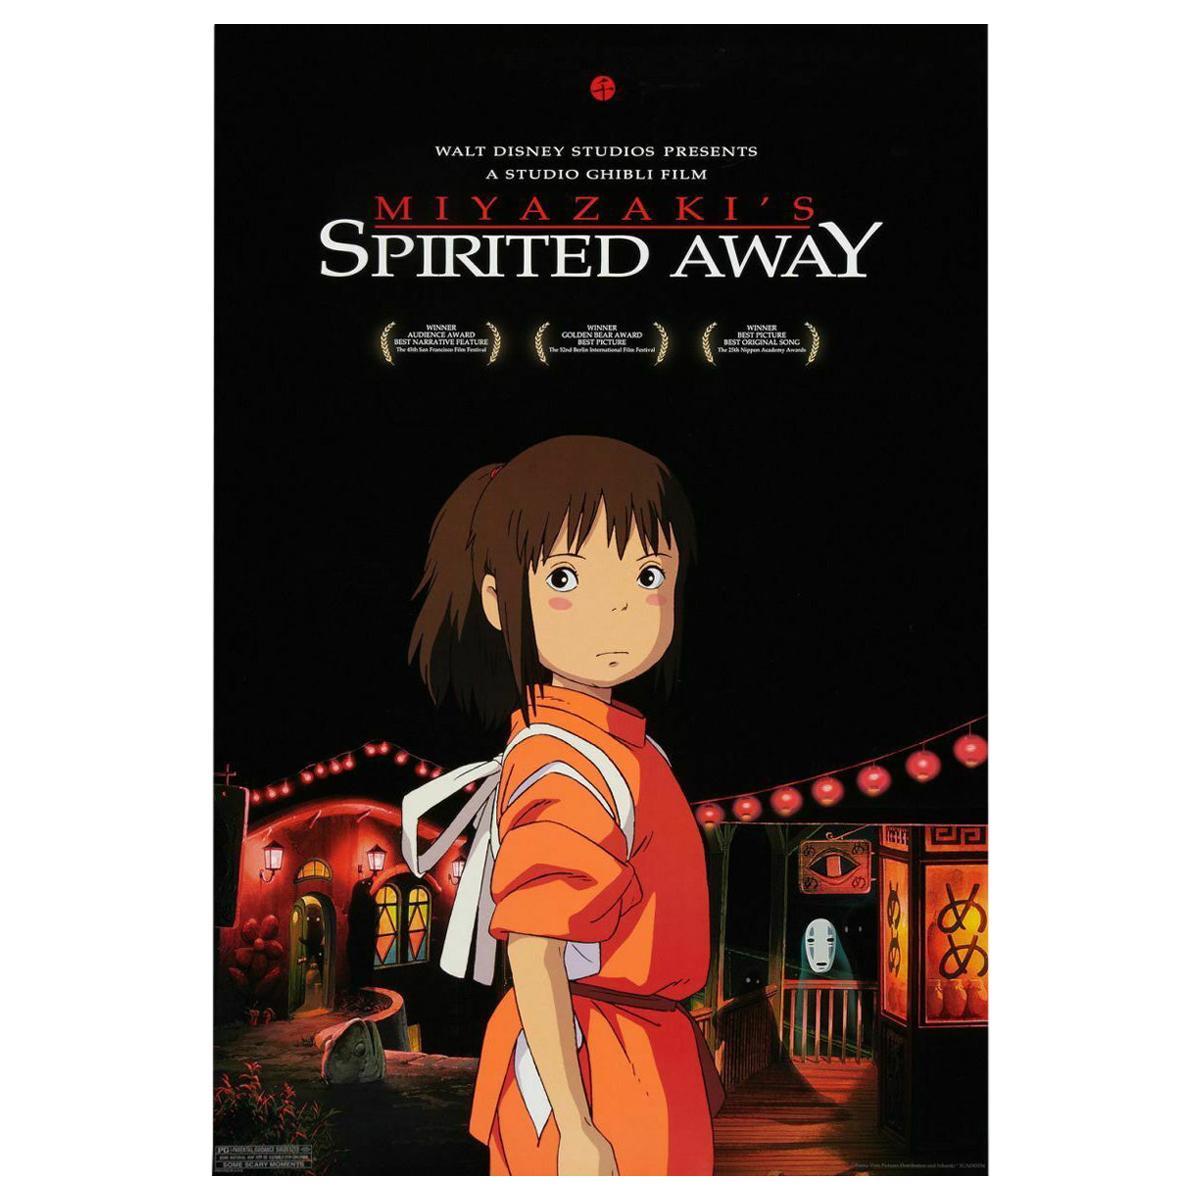 spirited away 2001 poster